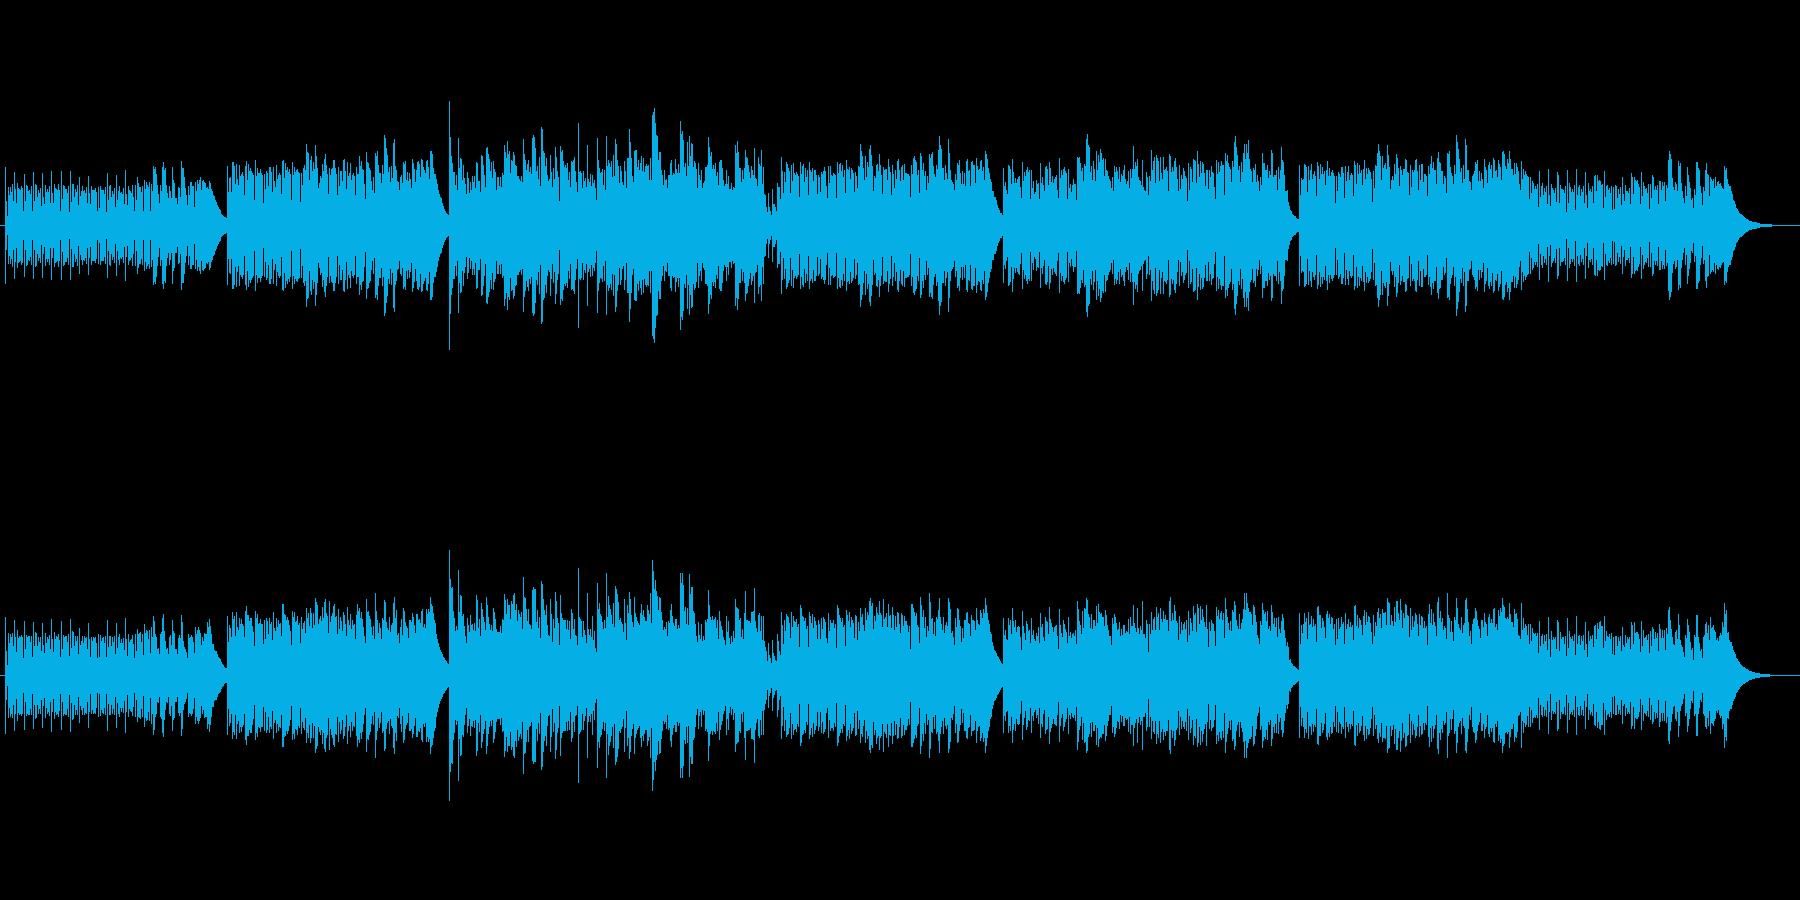 幻想的で悲しいアップテンポな音楽の再生済みの波形